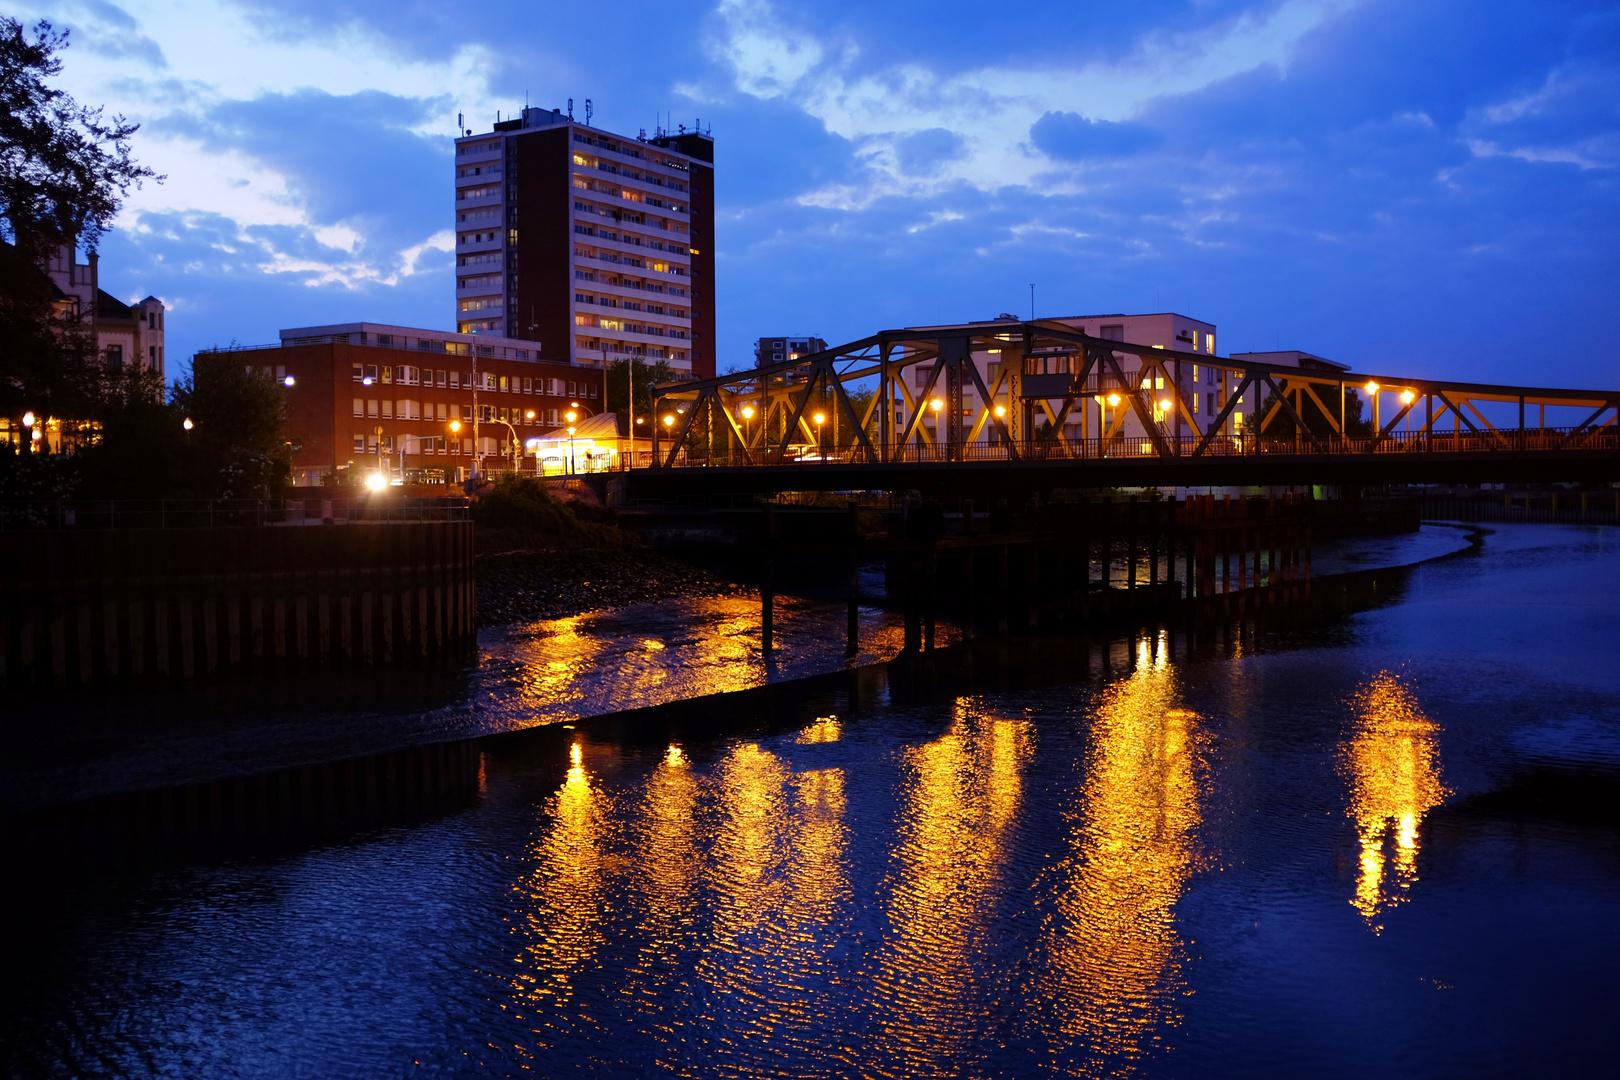 Brücke über die Geeste / Bremerhaven